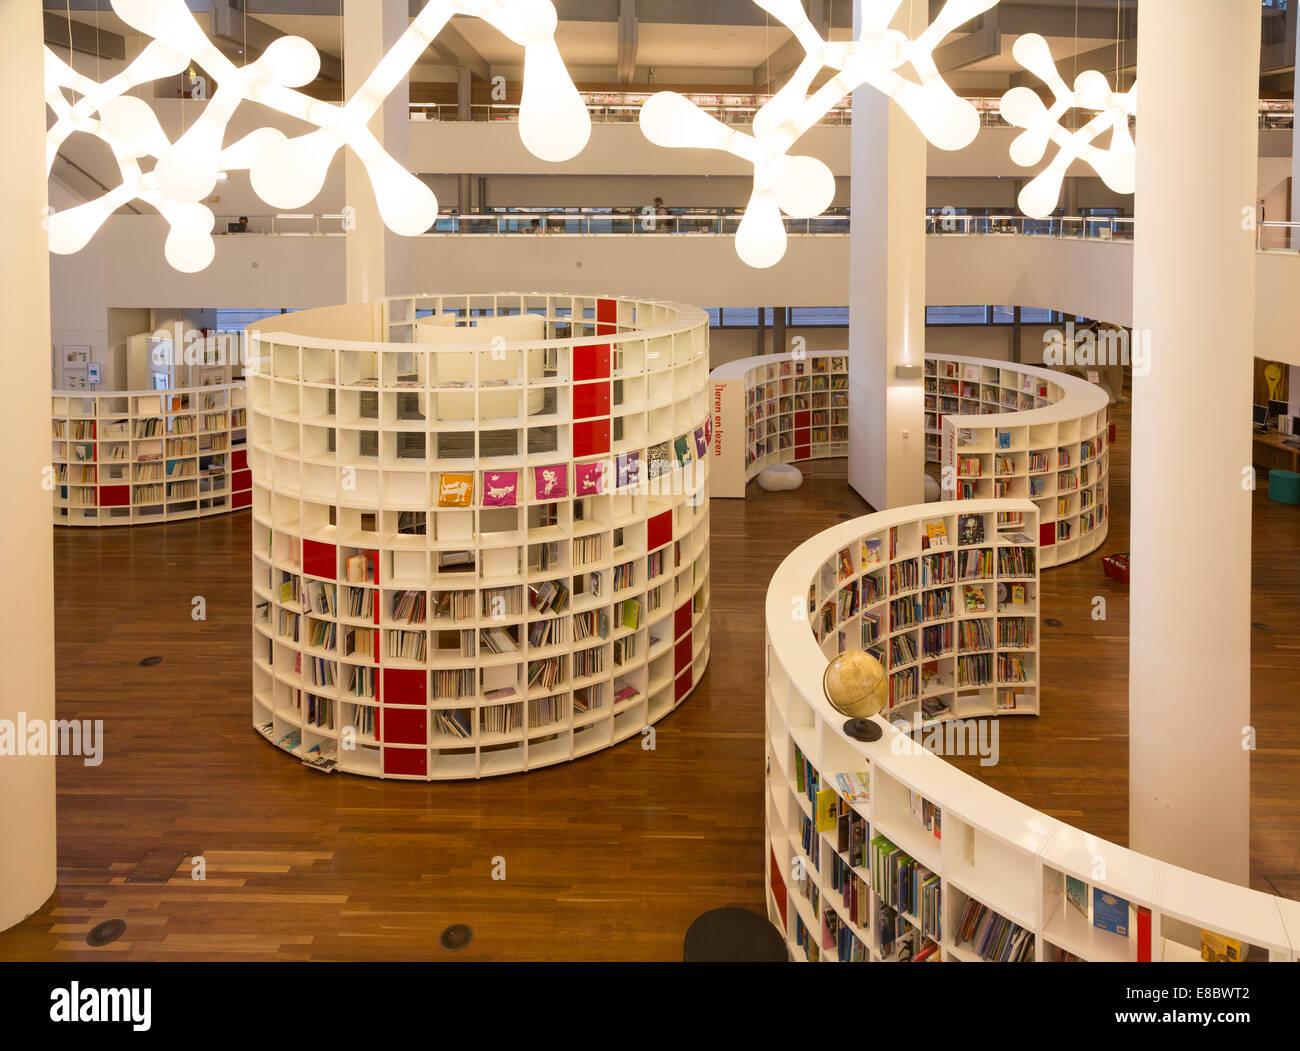 Sezione per bambini, Centrale Bibliotheek, Central Public Library, Amsterdam, Olanda, Paesi Bassi Immagini Stock